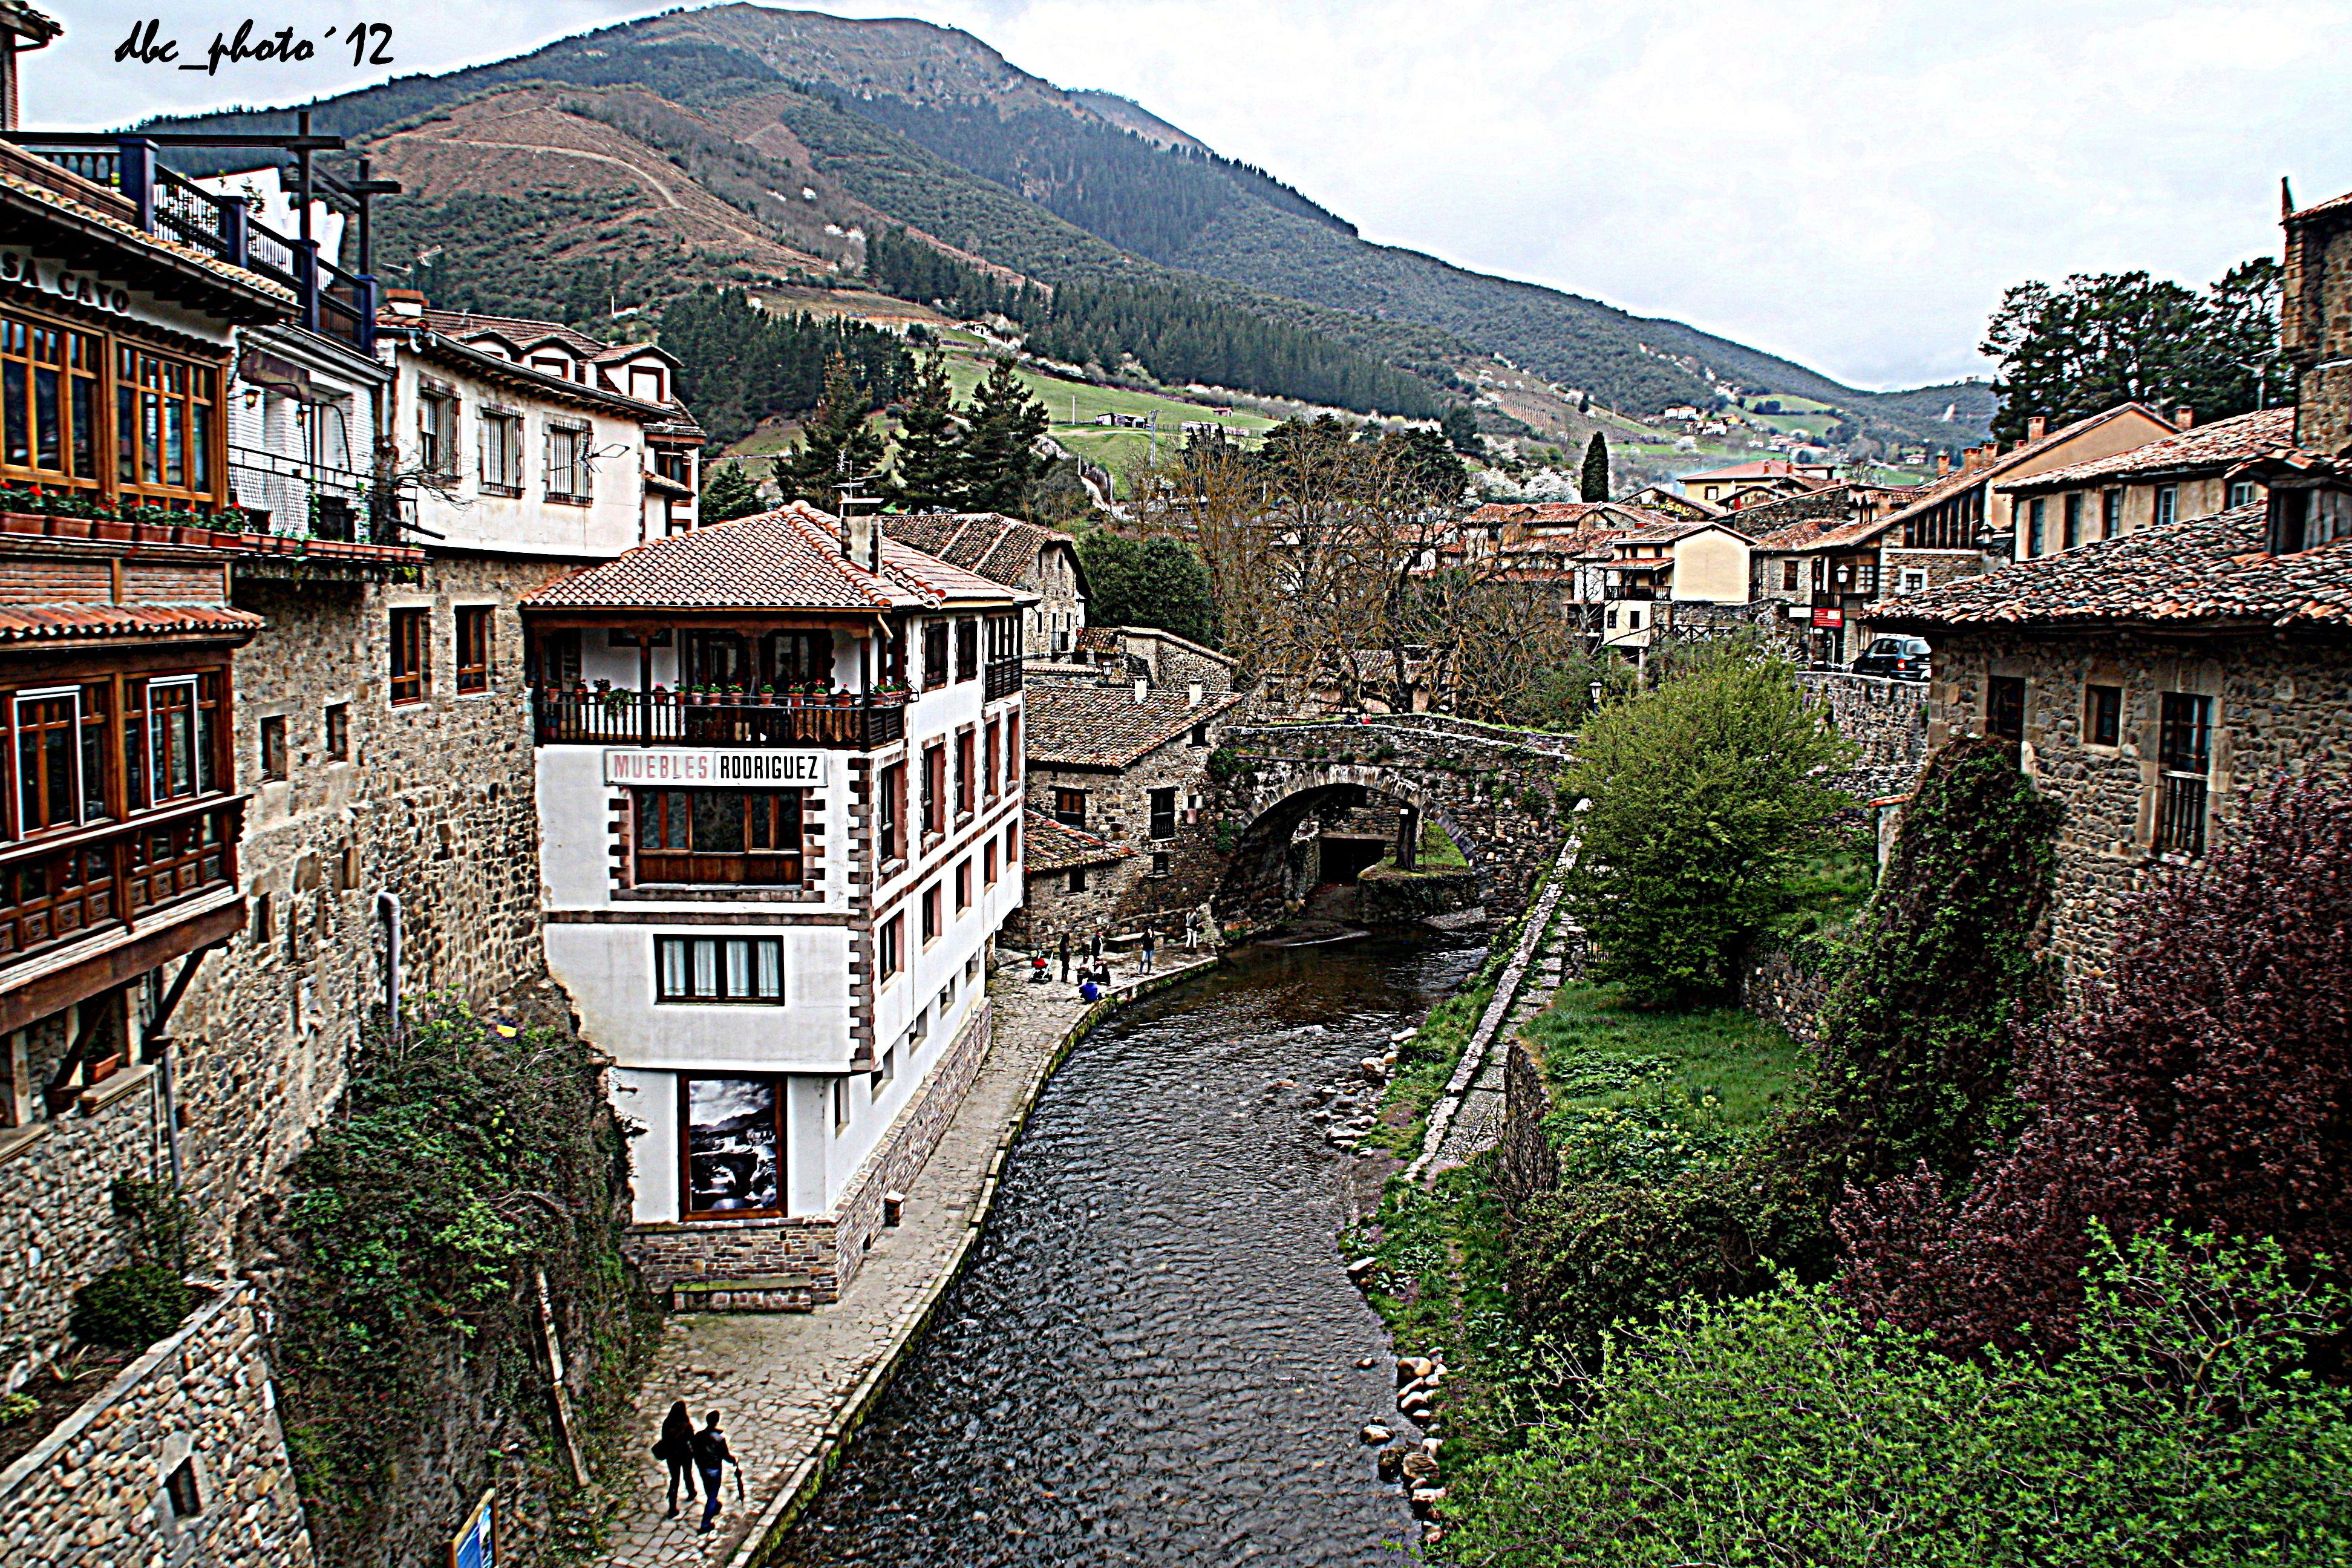 Potes cantabria lugares pinterest rivers - Vacaciones en cantabria ...